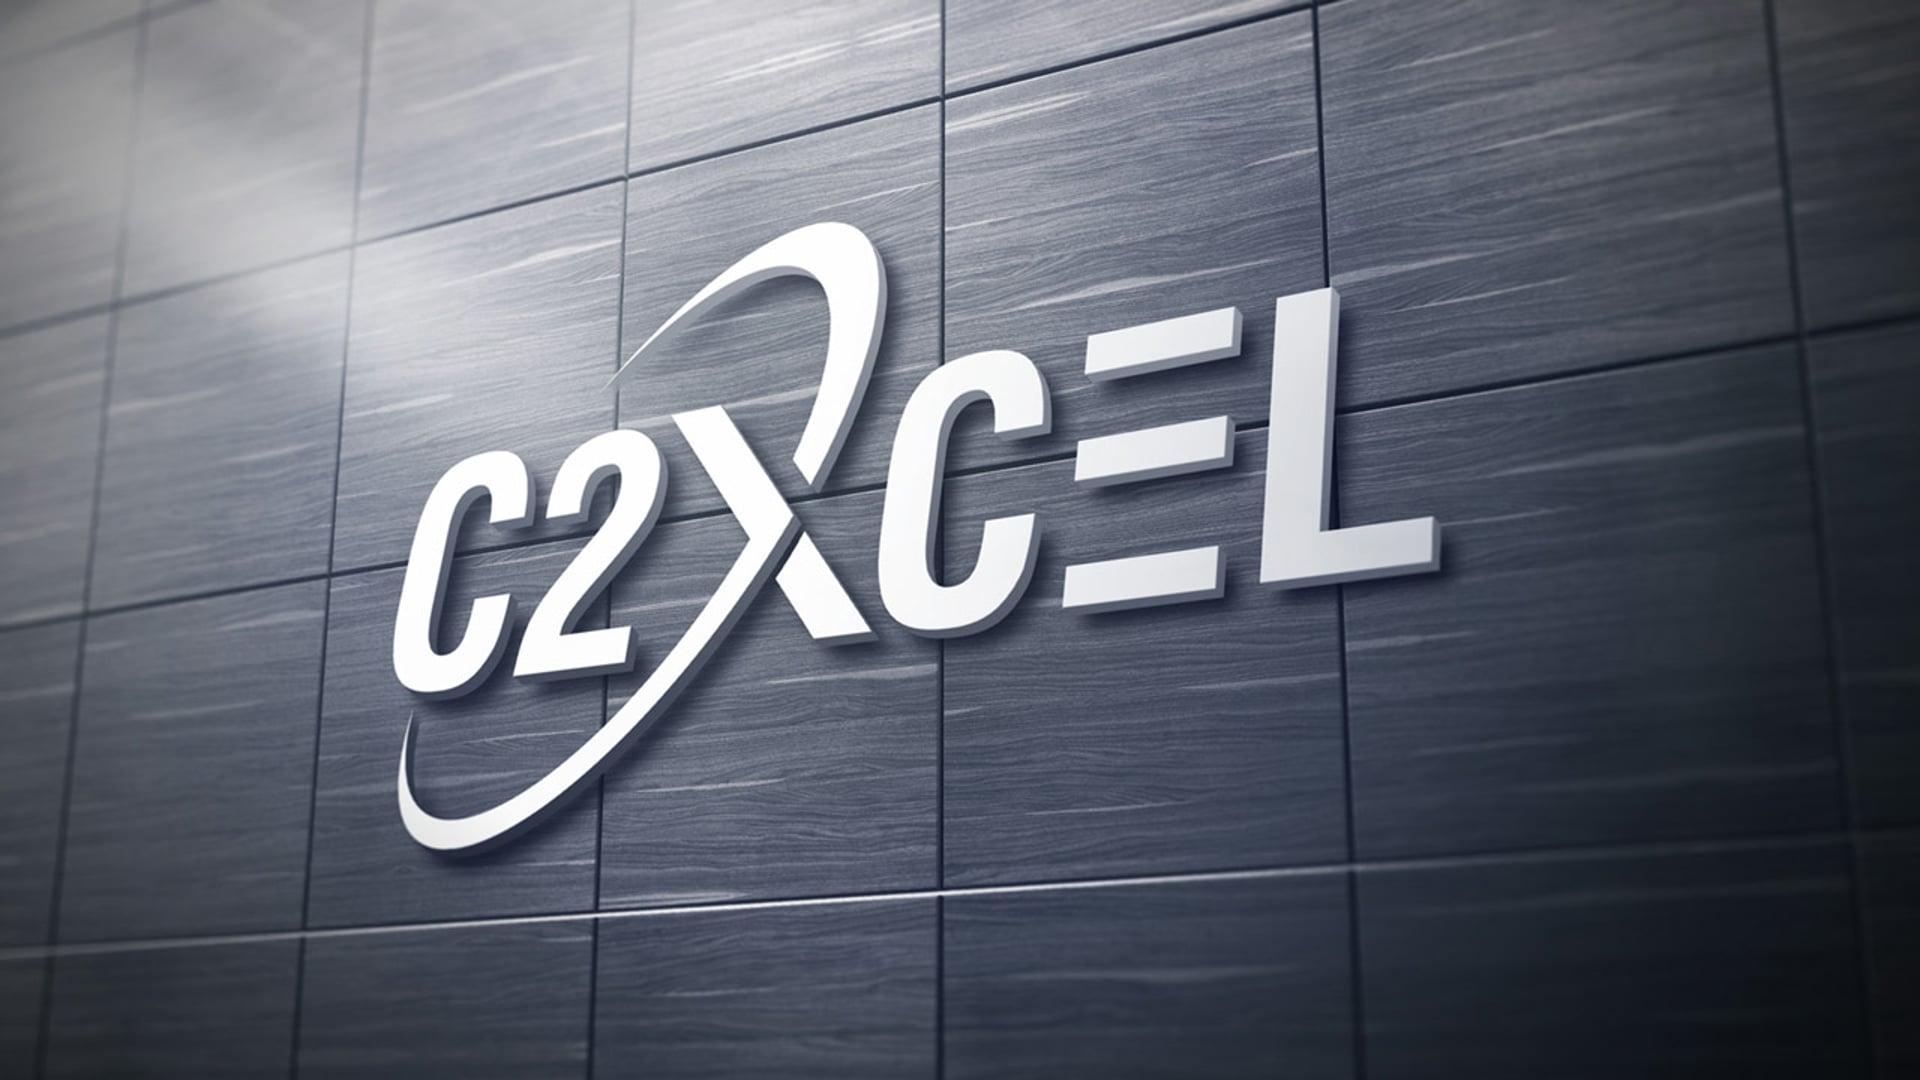 C2XCEL Explainer Video